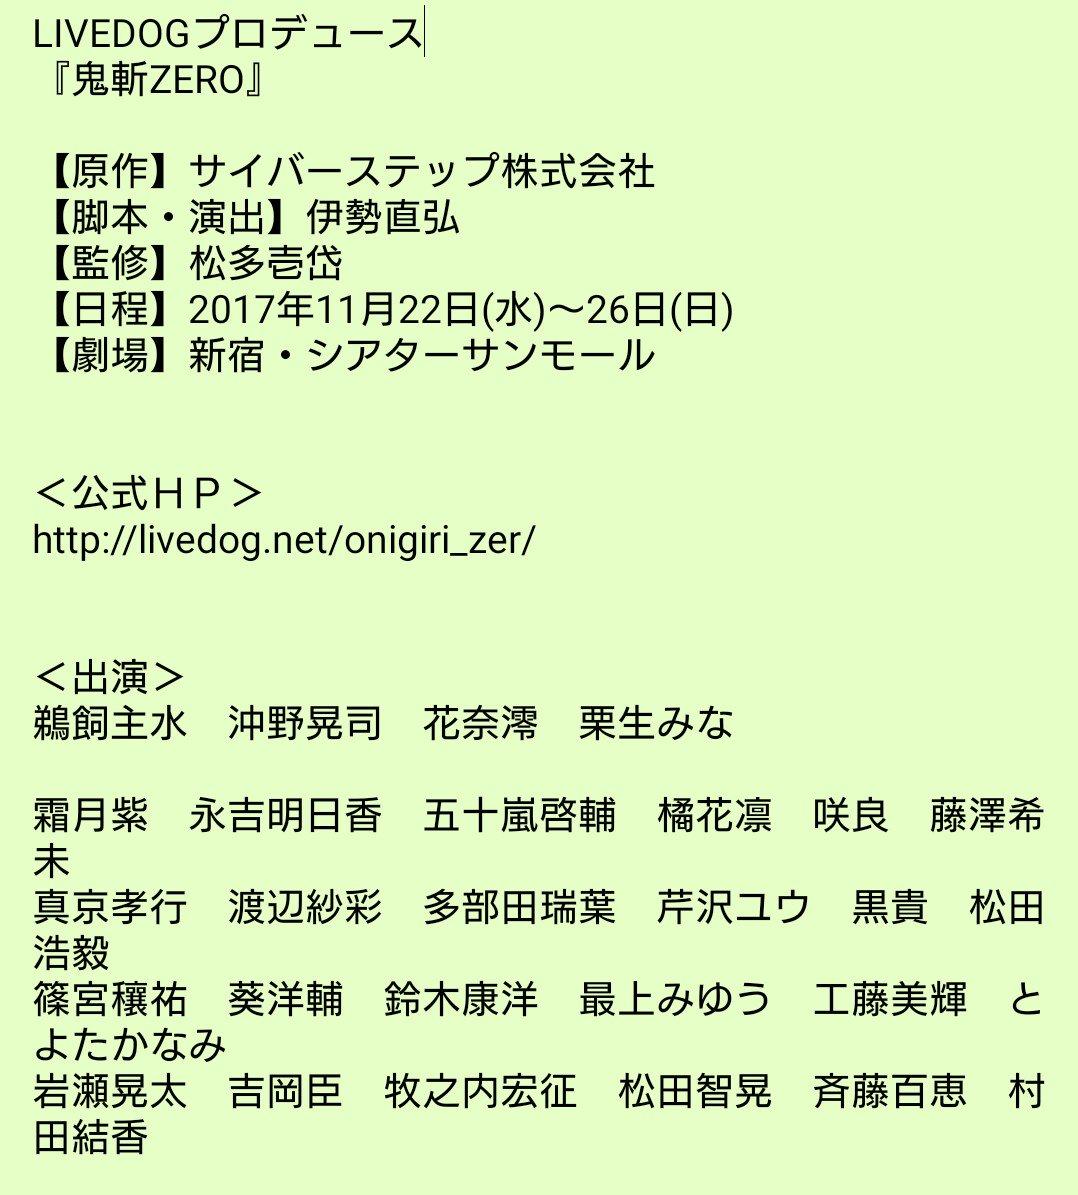 【情報解禁!!】11月に舞台『鬼斬zero』に出演が決まりました!!✨チケットのご予約は23日(土)から!詳しくはHPで